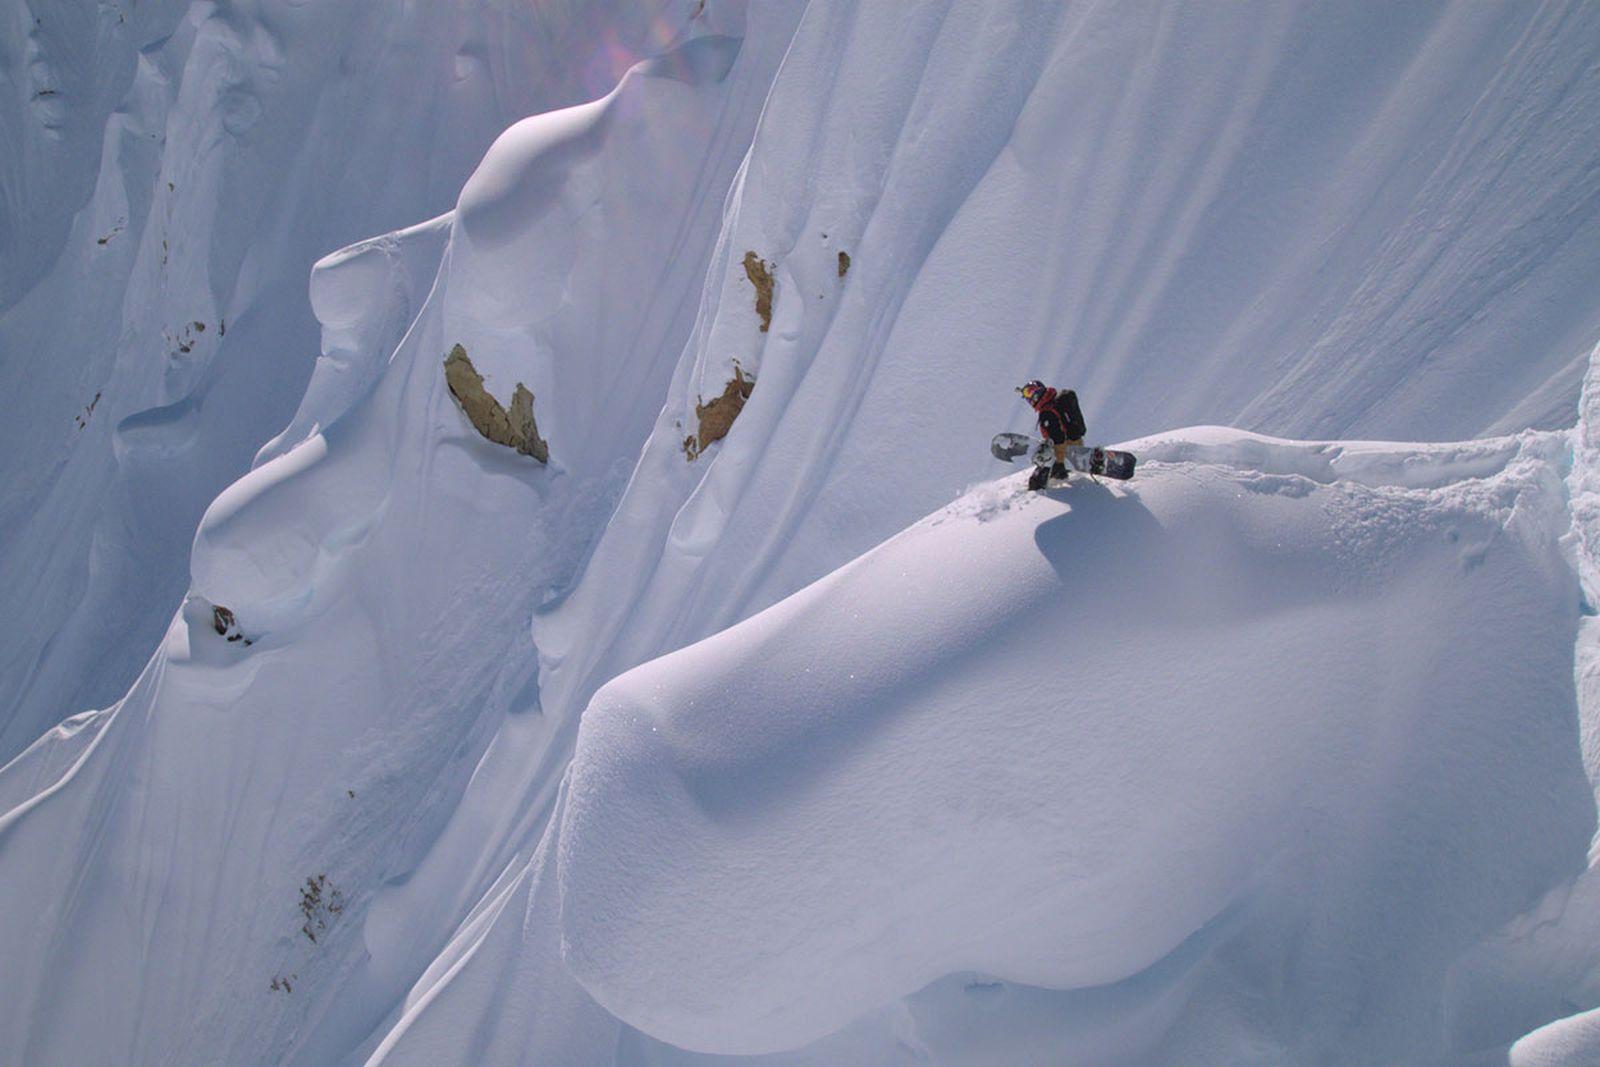 Travis Rice in snowboarding film 'Dark Matter'